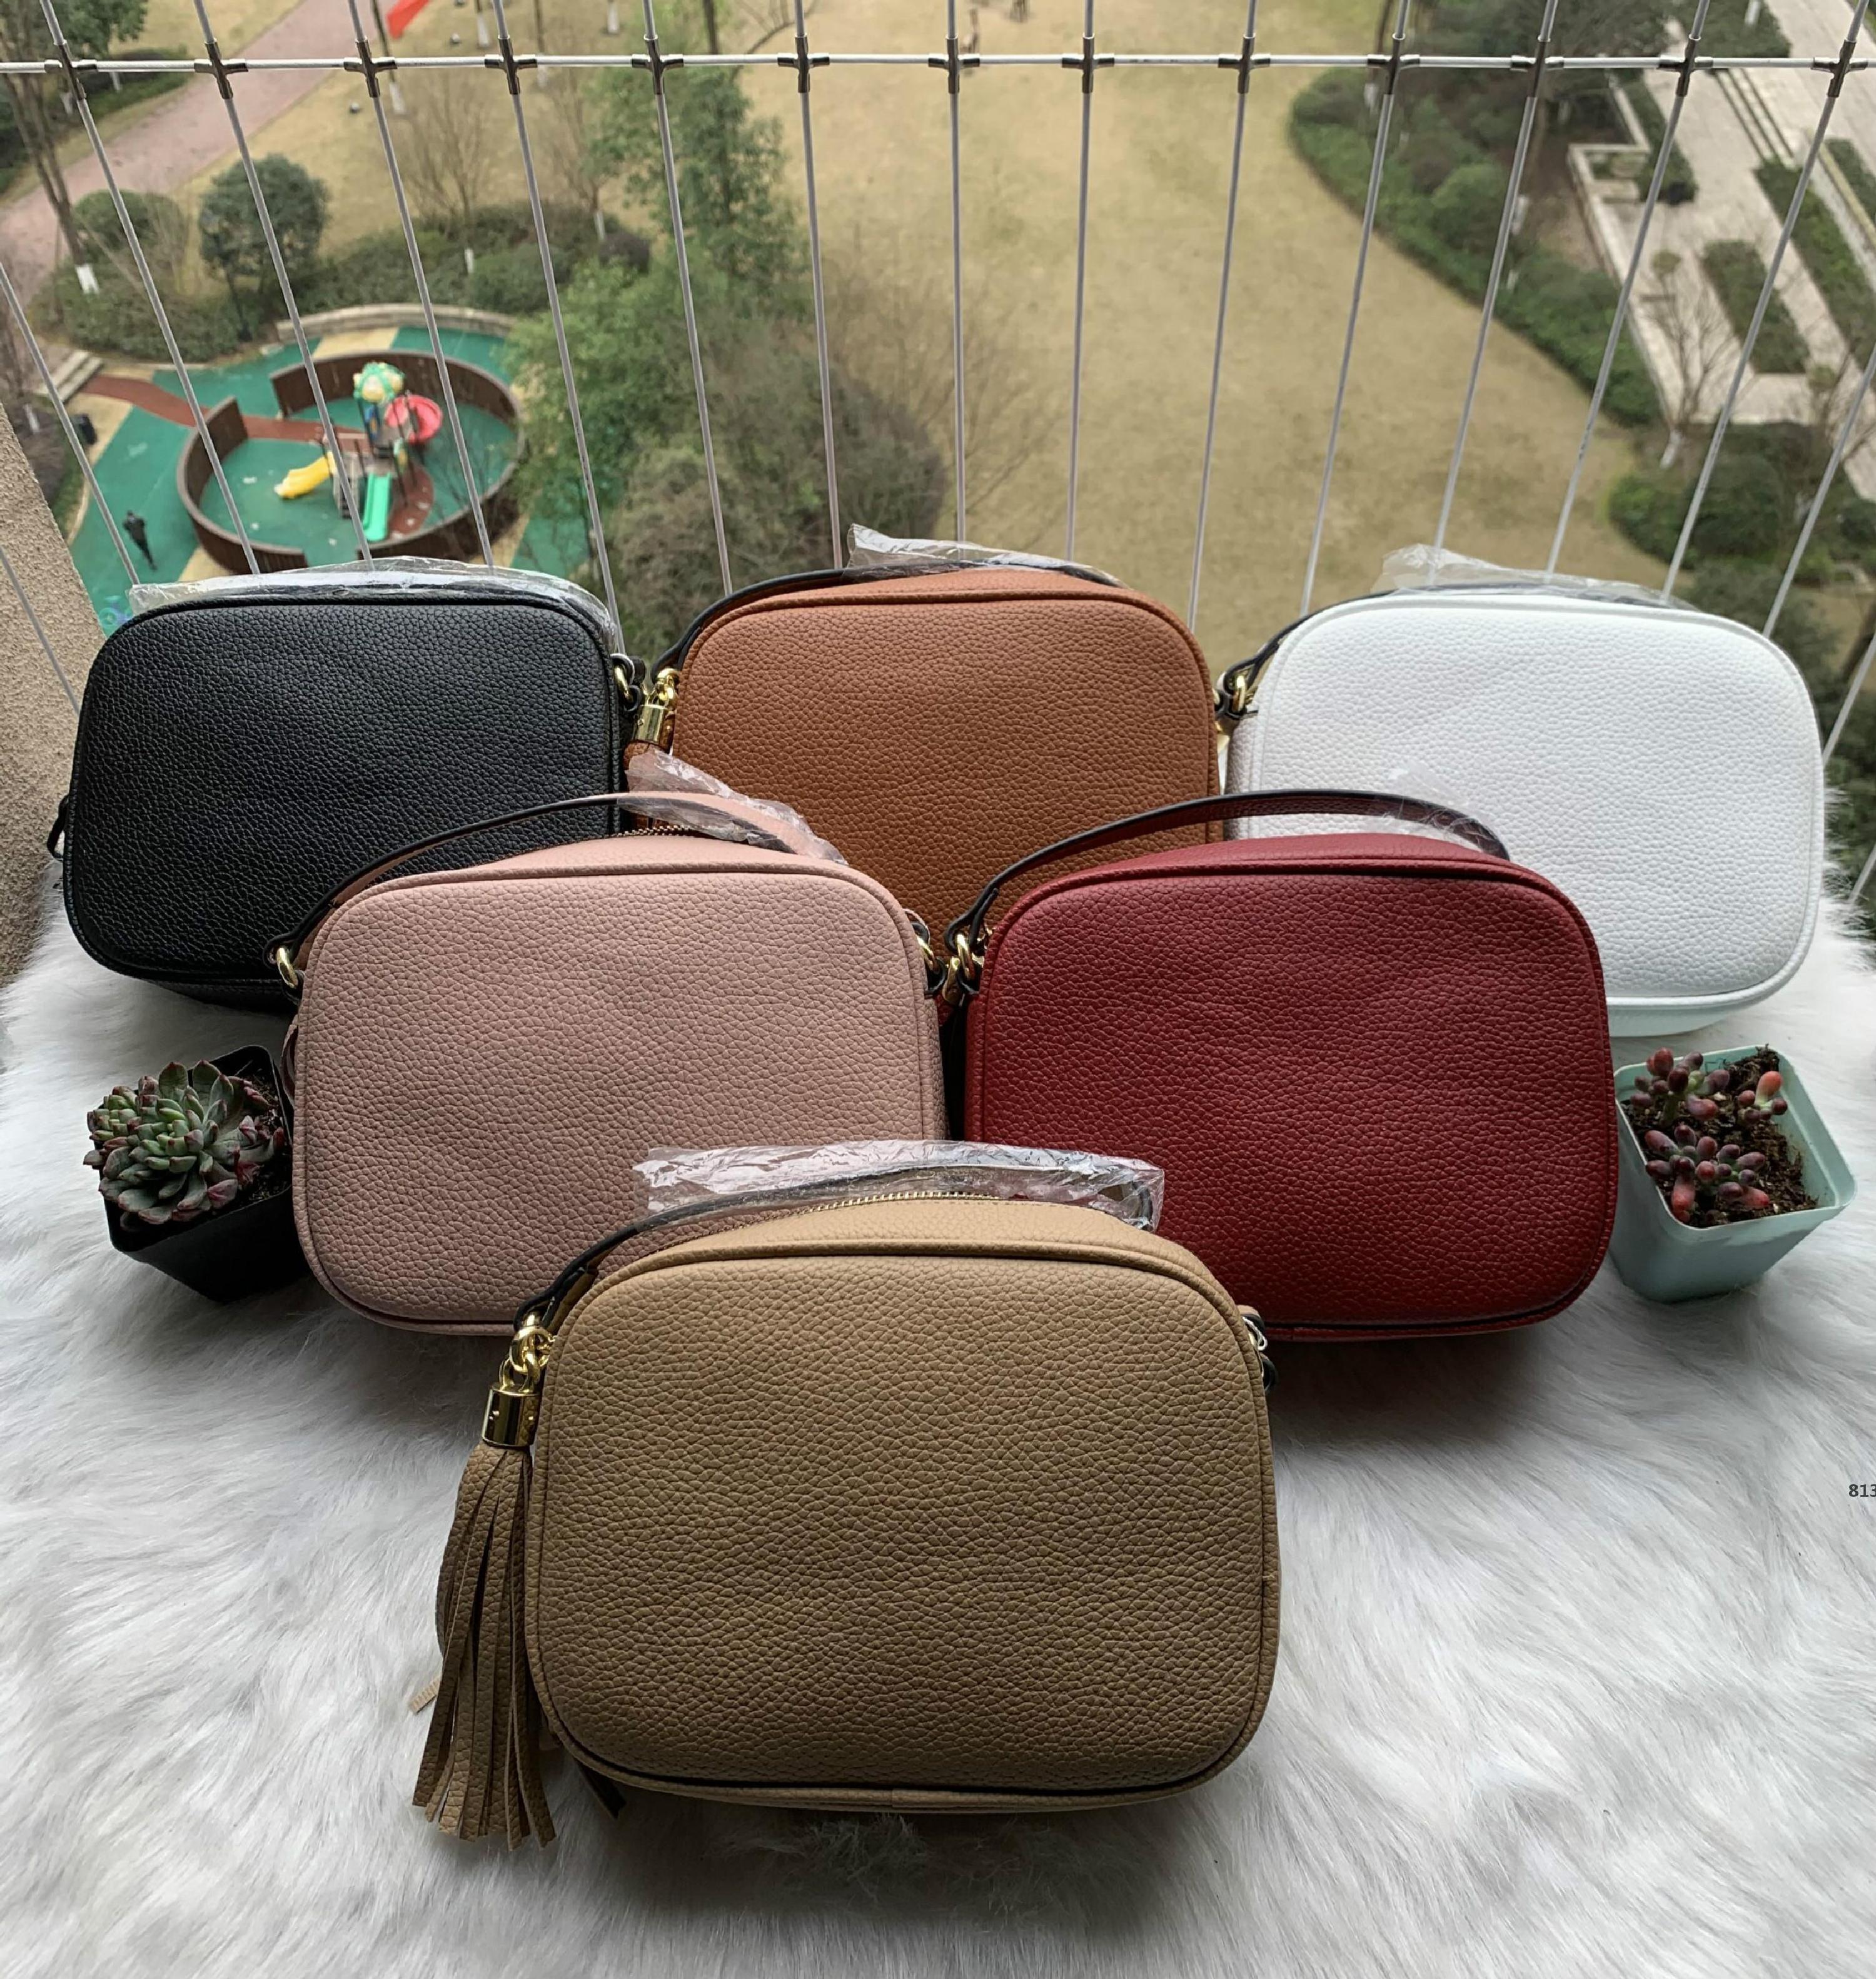 Neue Stil Staub mit hoher Mode Frauen Handtaschen Quaste Soho Bag813 Disco Womens Leder Geldbörse Tasche Qualität Tasche Schulter KMVAQ